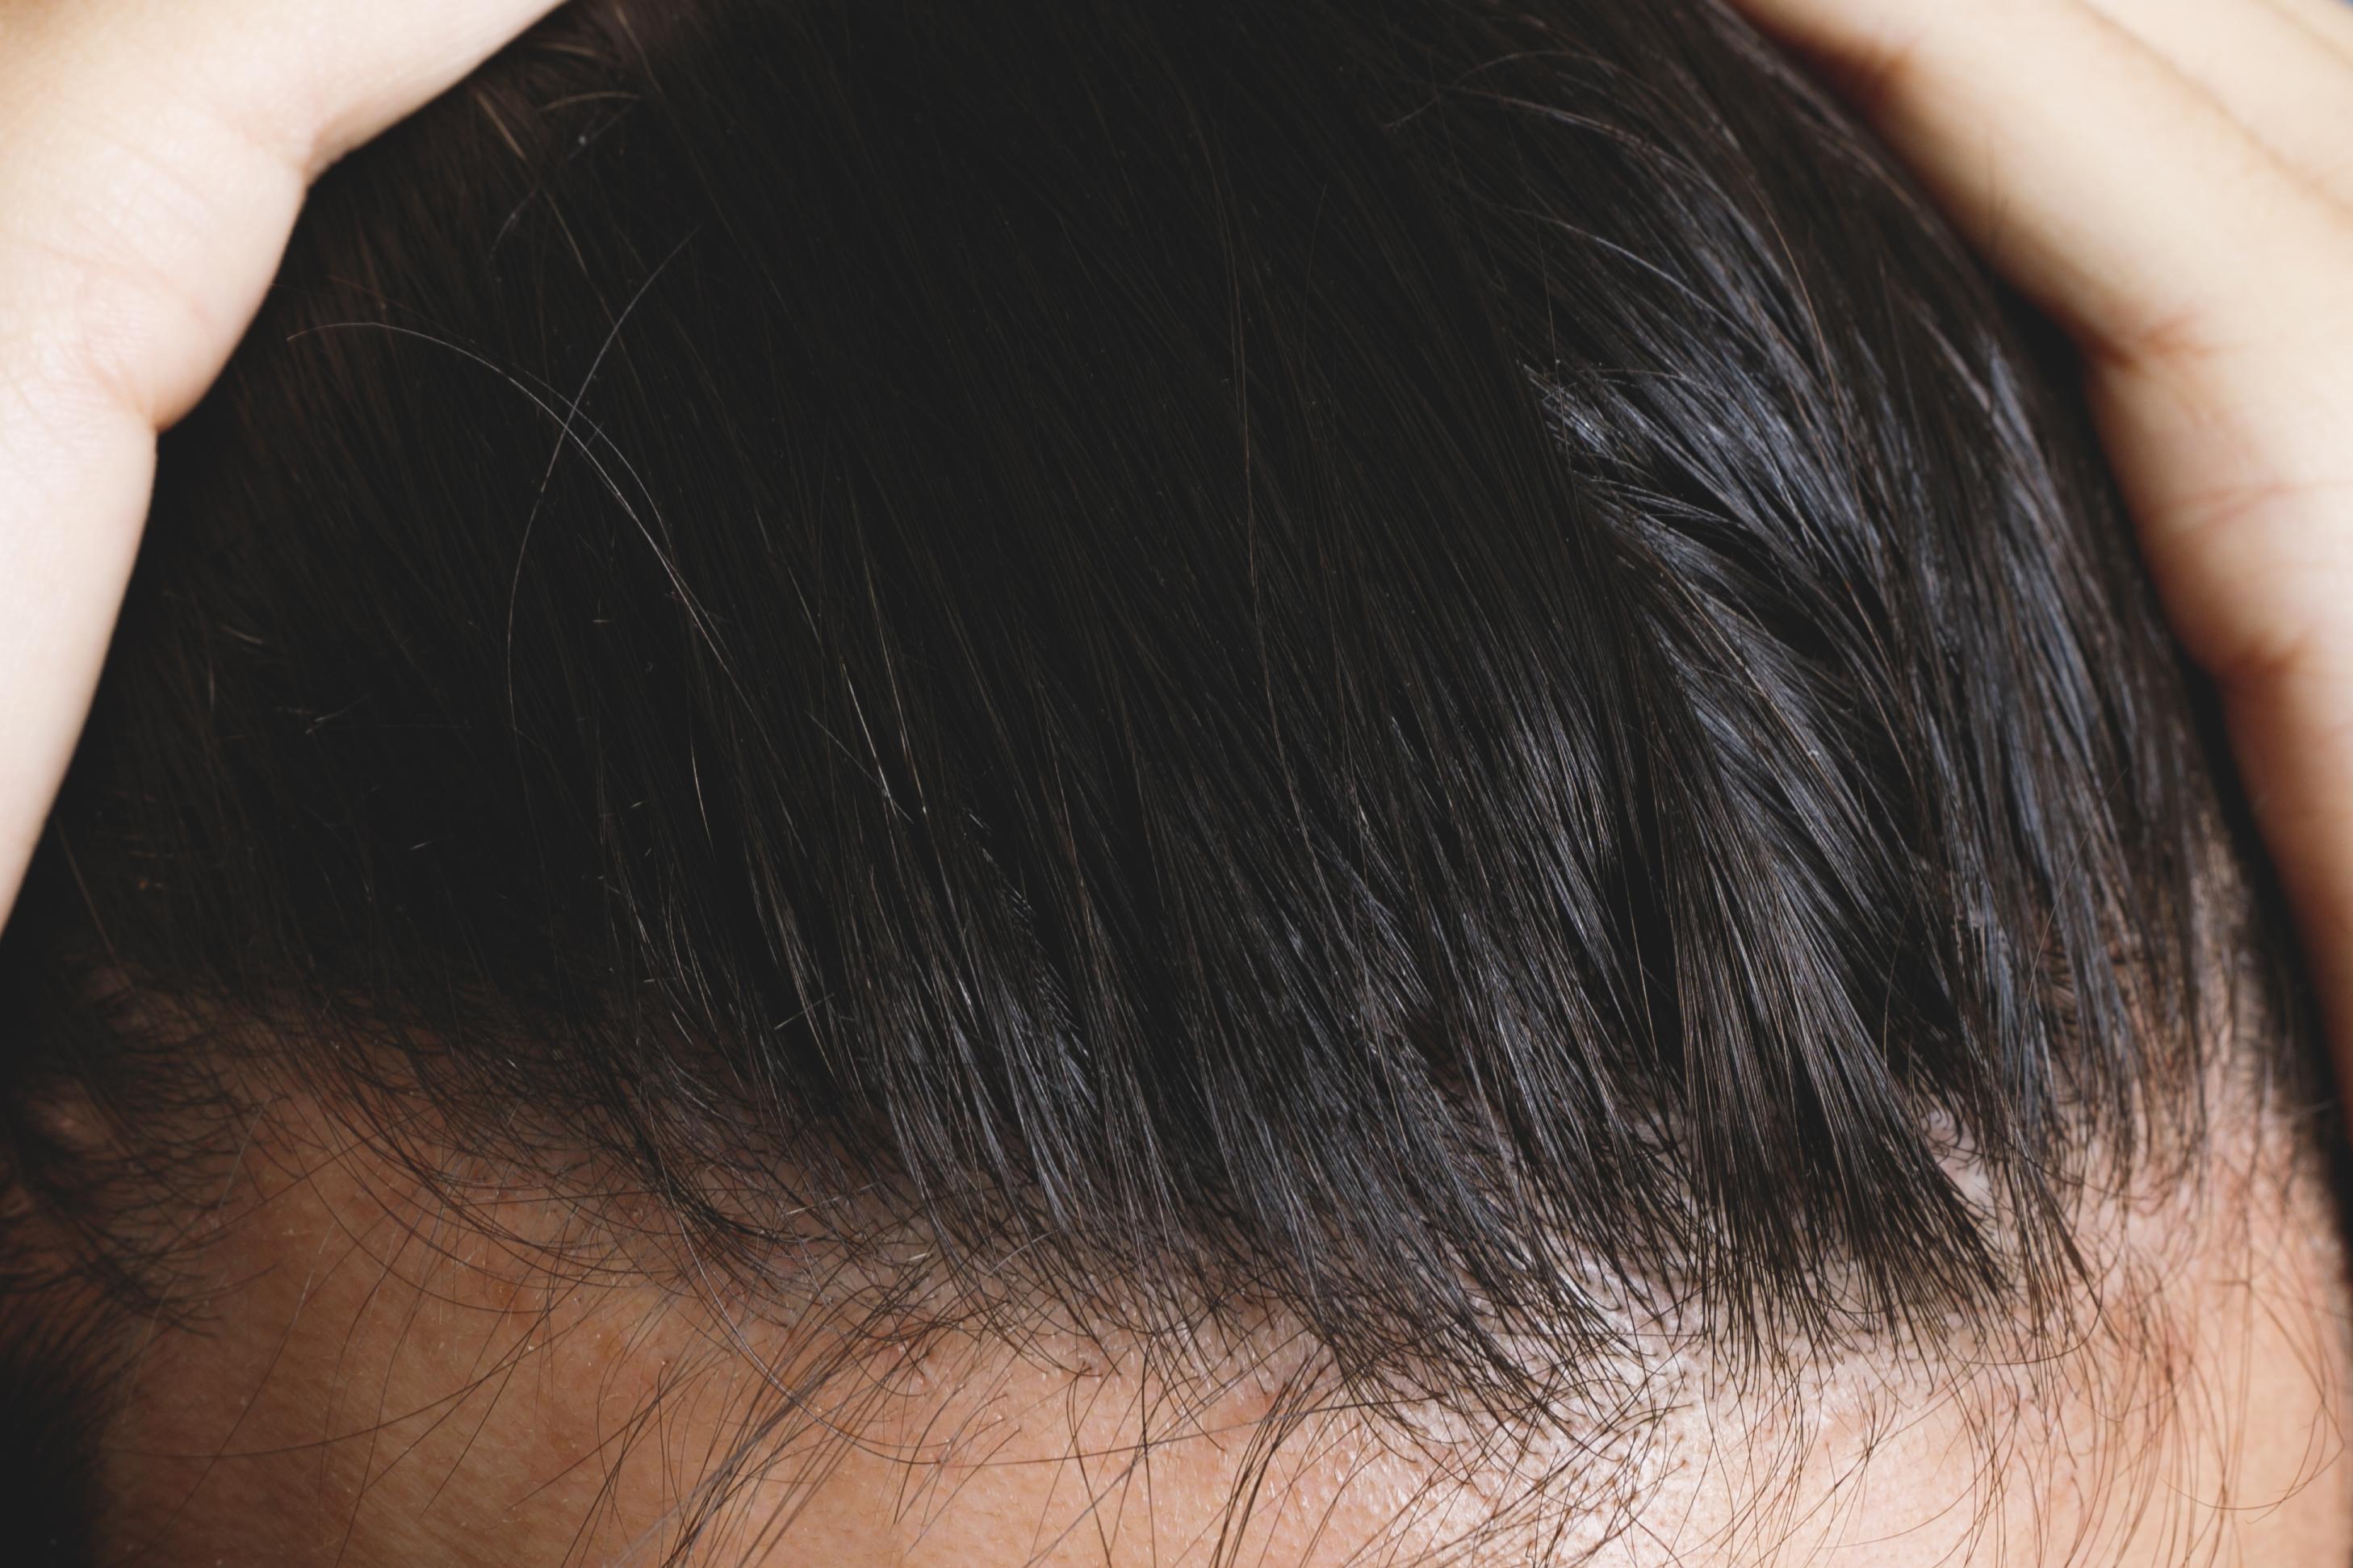 ハゲる人の髪質からハゲない髪質へ